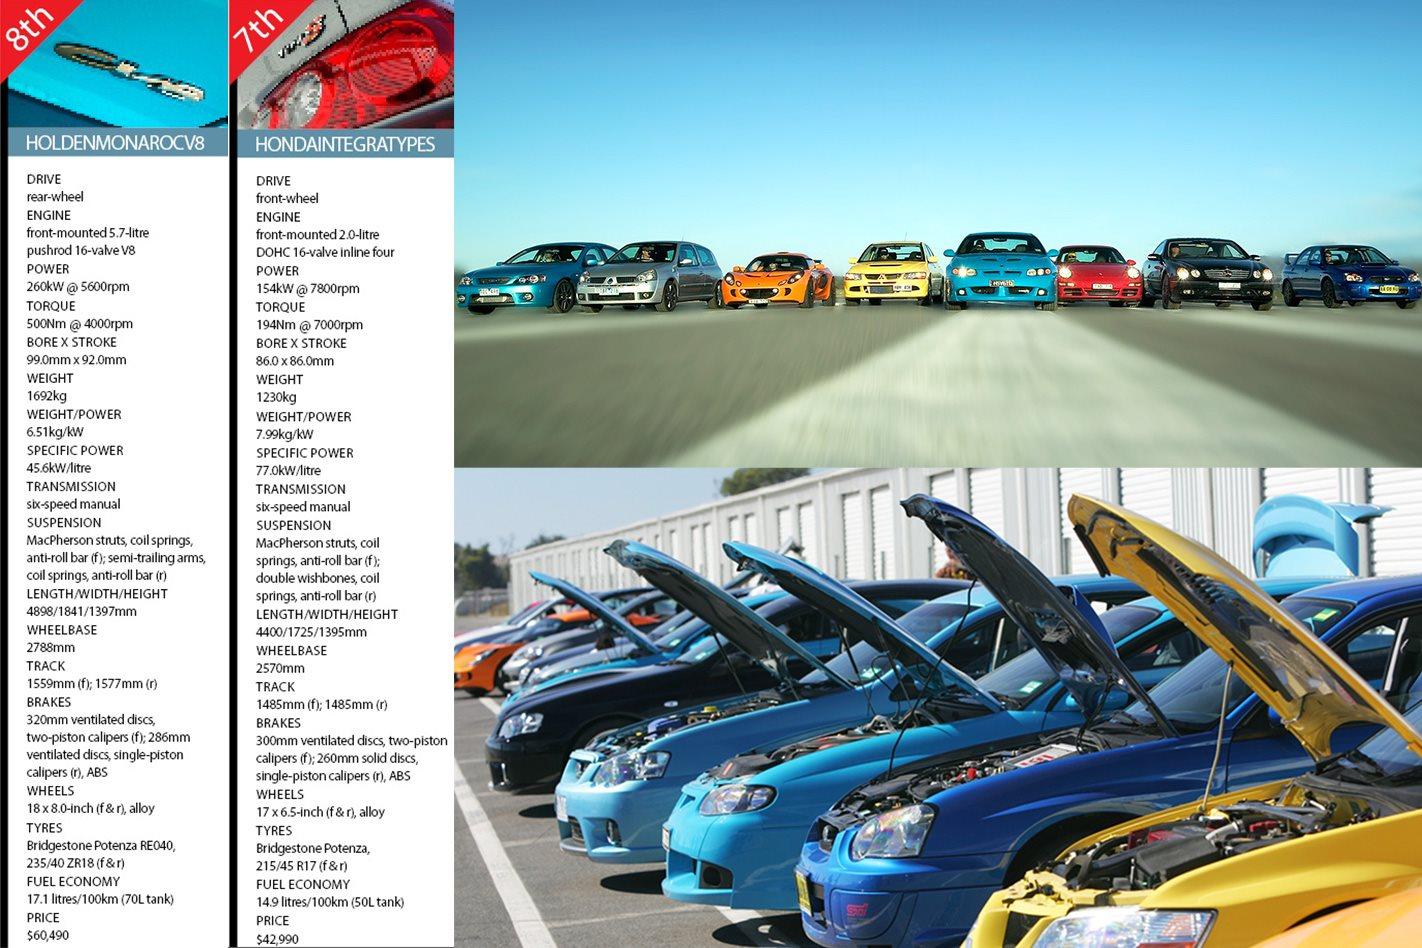 Holden-Monaro-CV8-Specs-&-Honda-Integra-Tye-S-specs.jpg